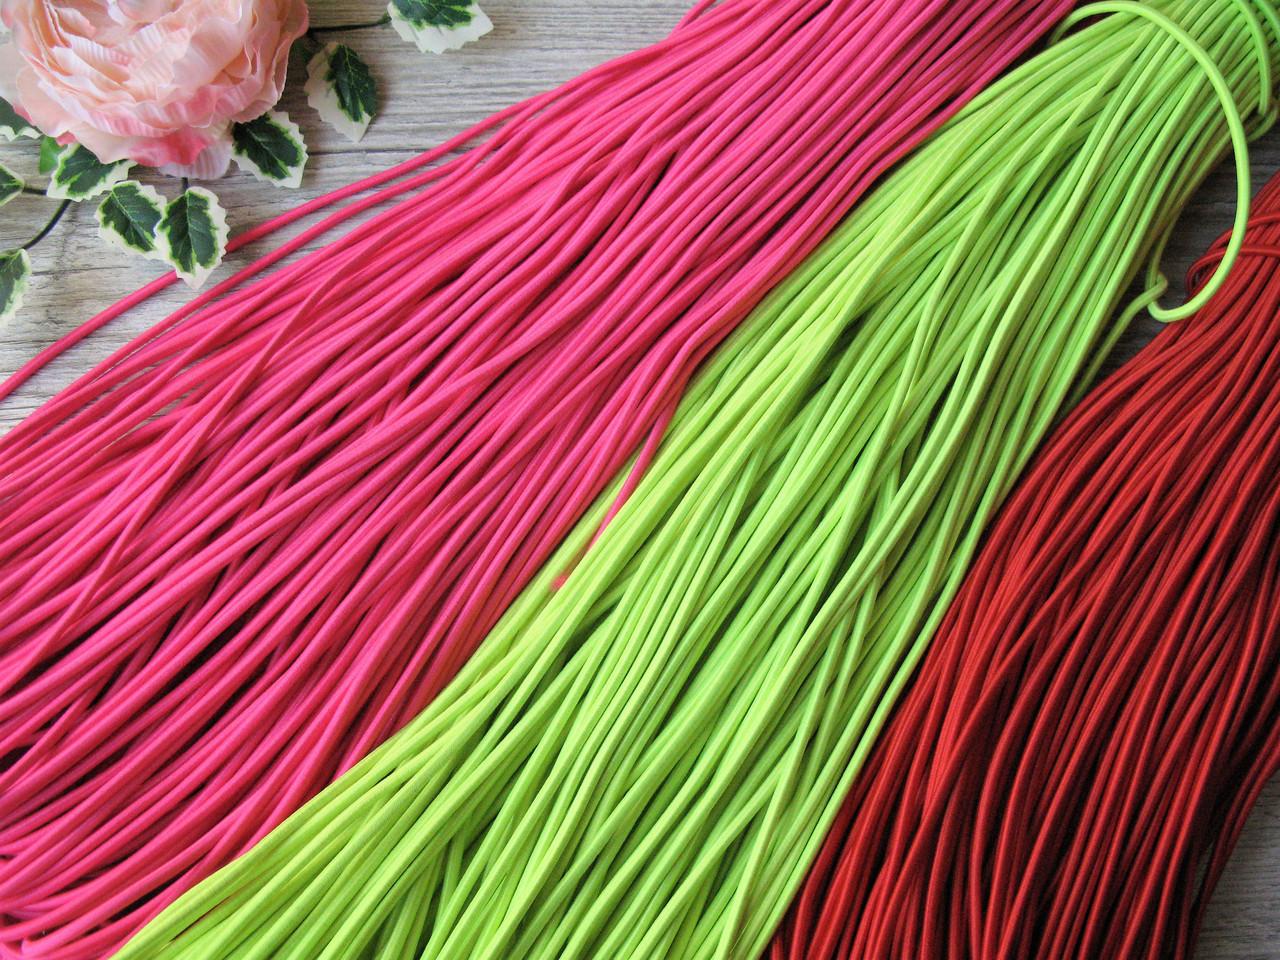 Резинка - шнур 3 мм. Набор 3 цвета по 1 м. Цена - 13 грн.